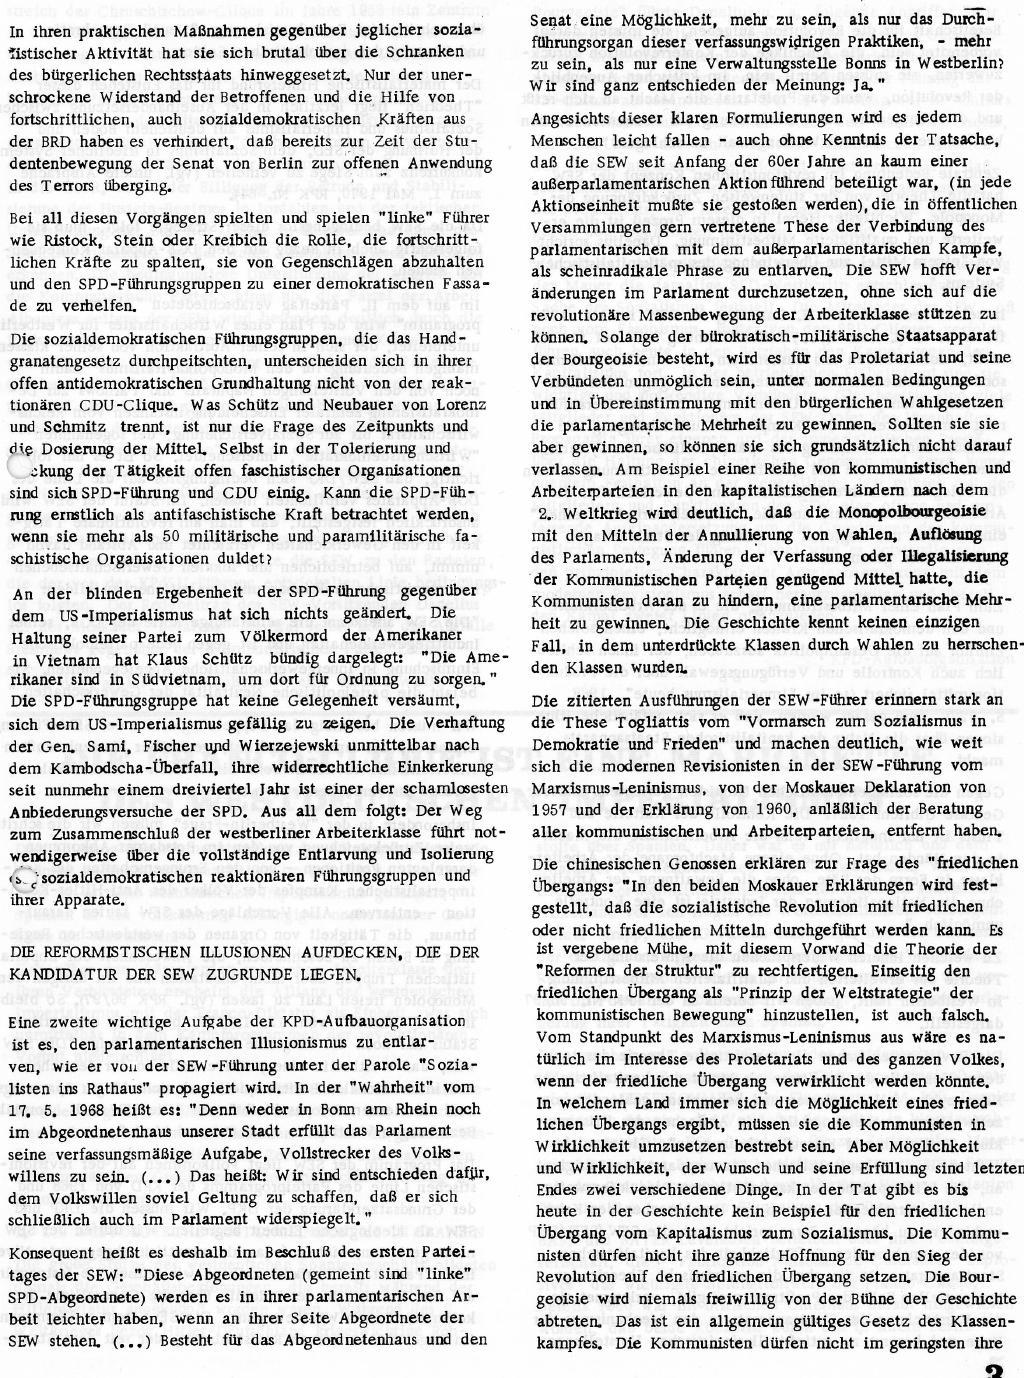 RPK_1971_100_03